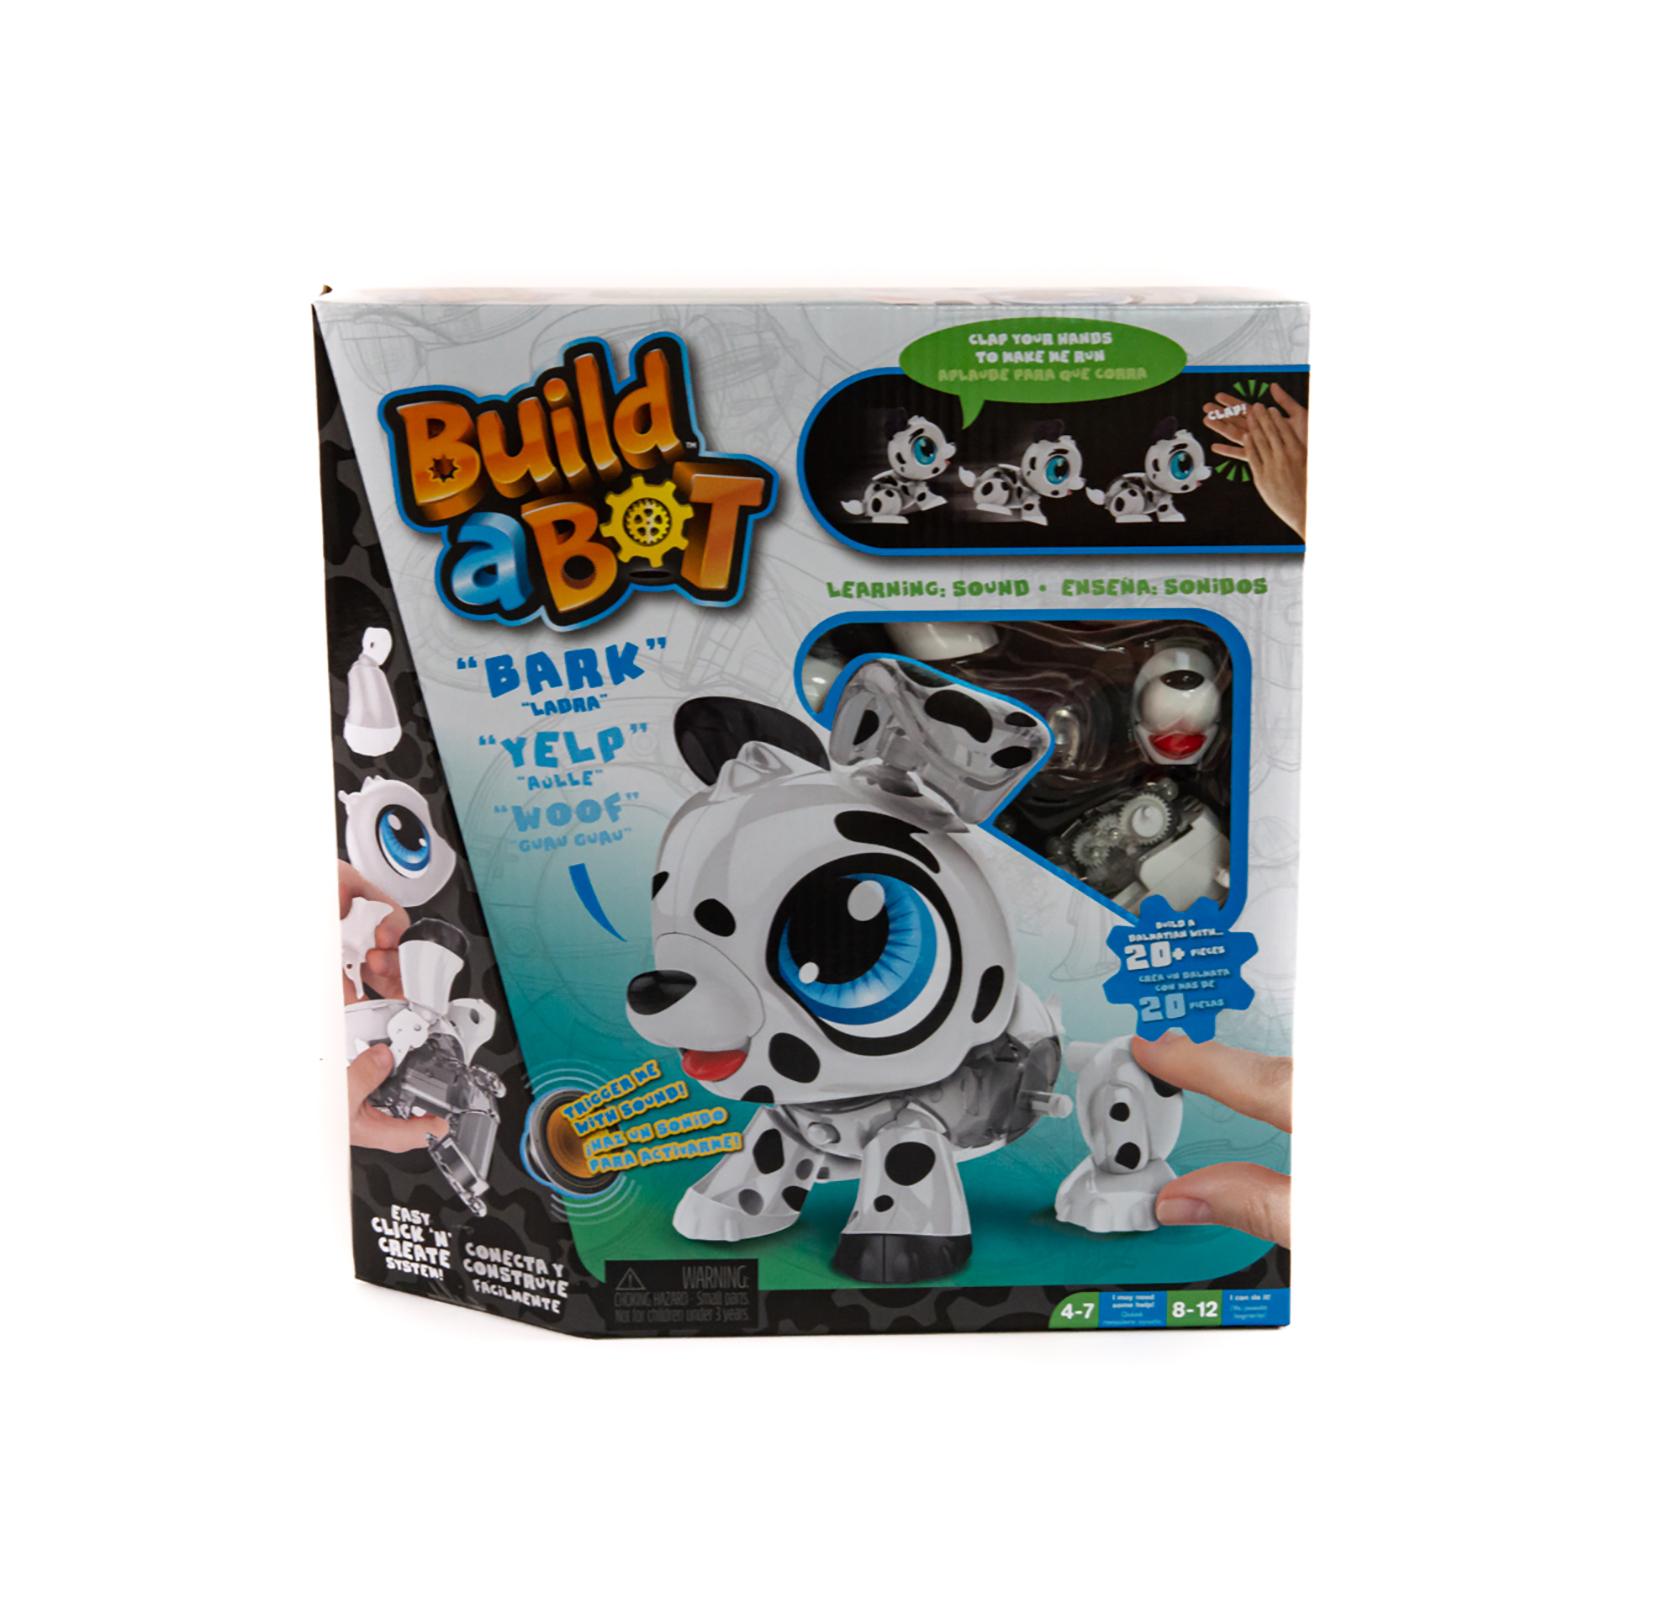 Image 2 Dalmatian - Package 1 - hi-res.jpg